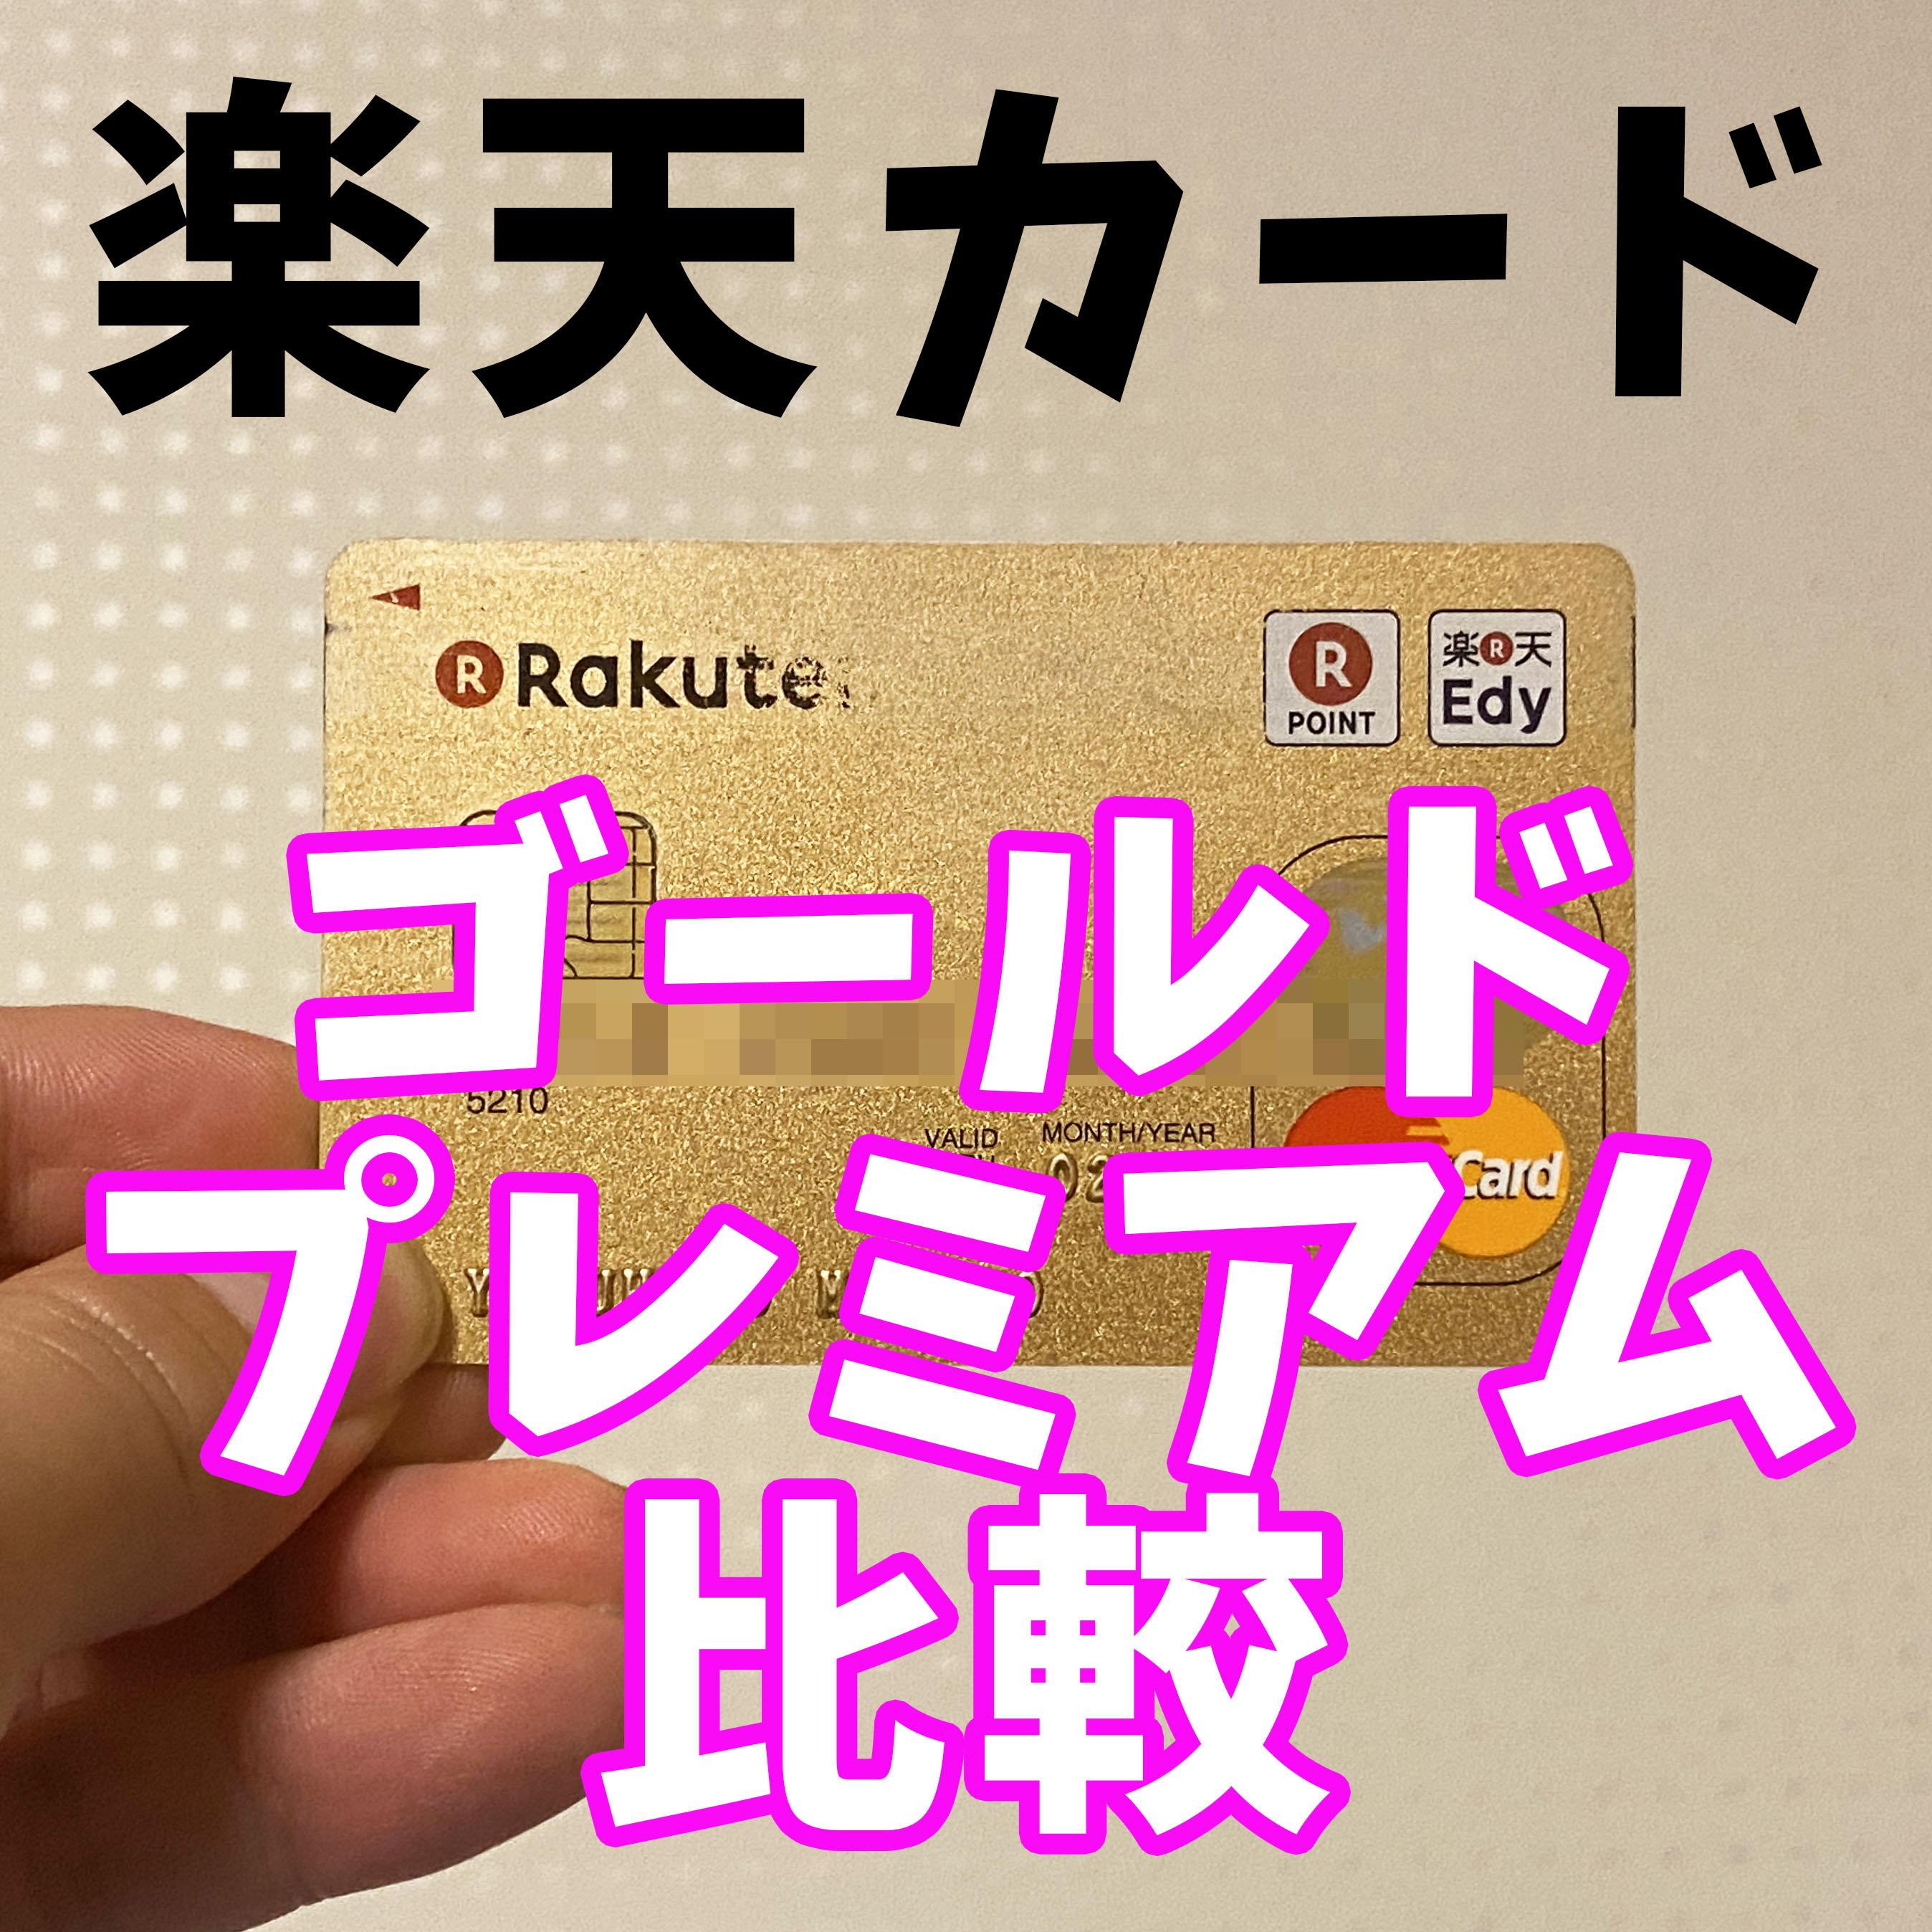 楽天ゴールドカードとプレミアムカードどちらがおすすめ?